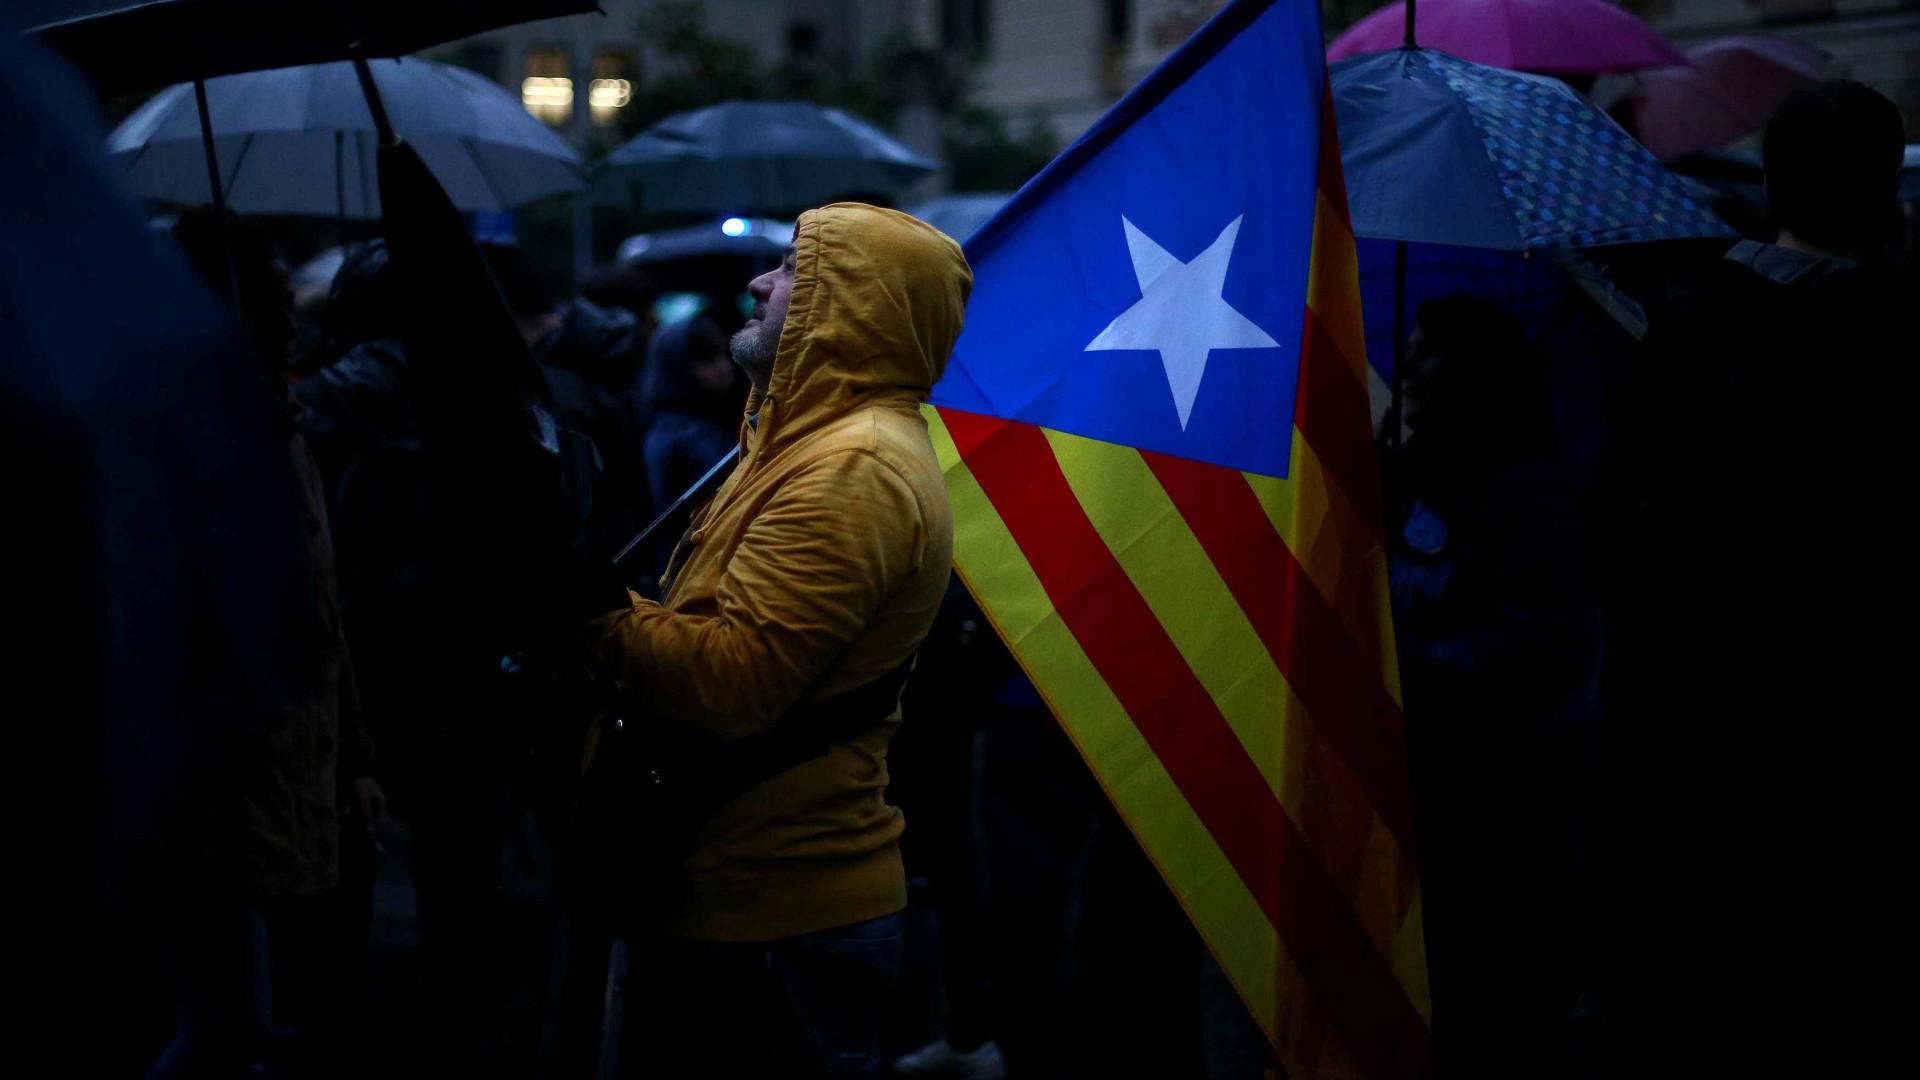 Espanha vive inaceitável tentativa de secessão, diz rei Felipe